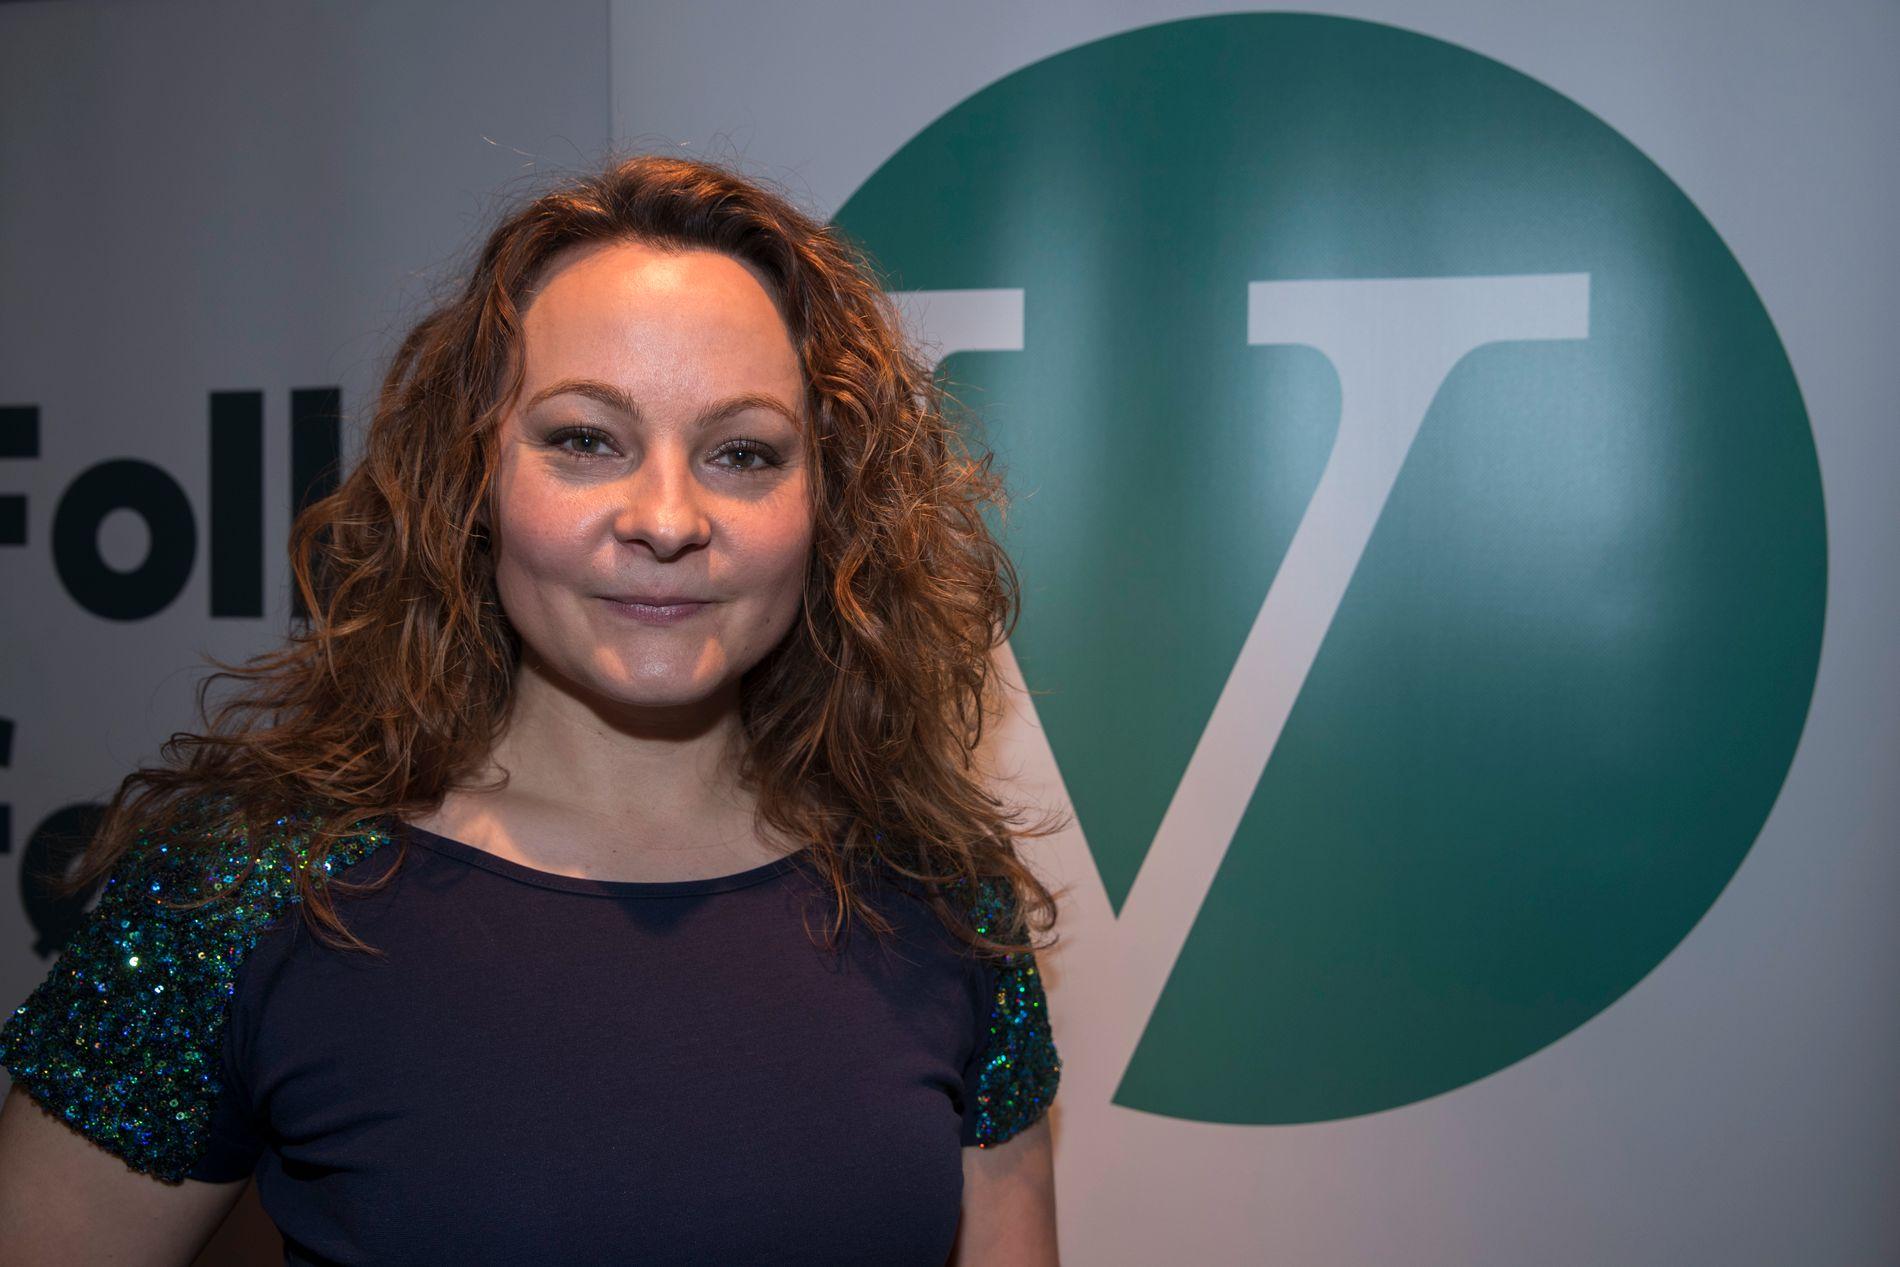 VIL STRAFFE:  Rebekka Borsch  (VG) mener det bør få konsekvenser for rollen man har i partiet om man trakasserer.